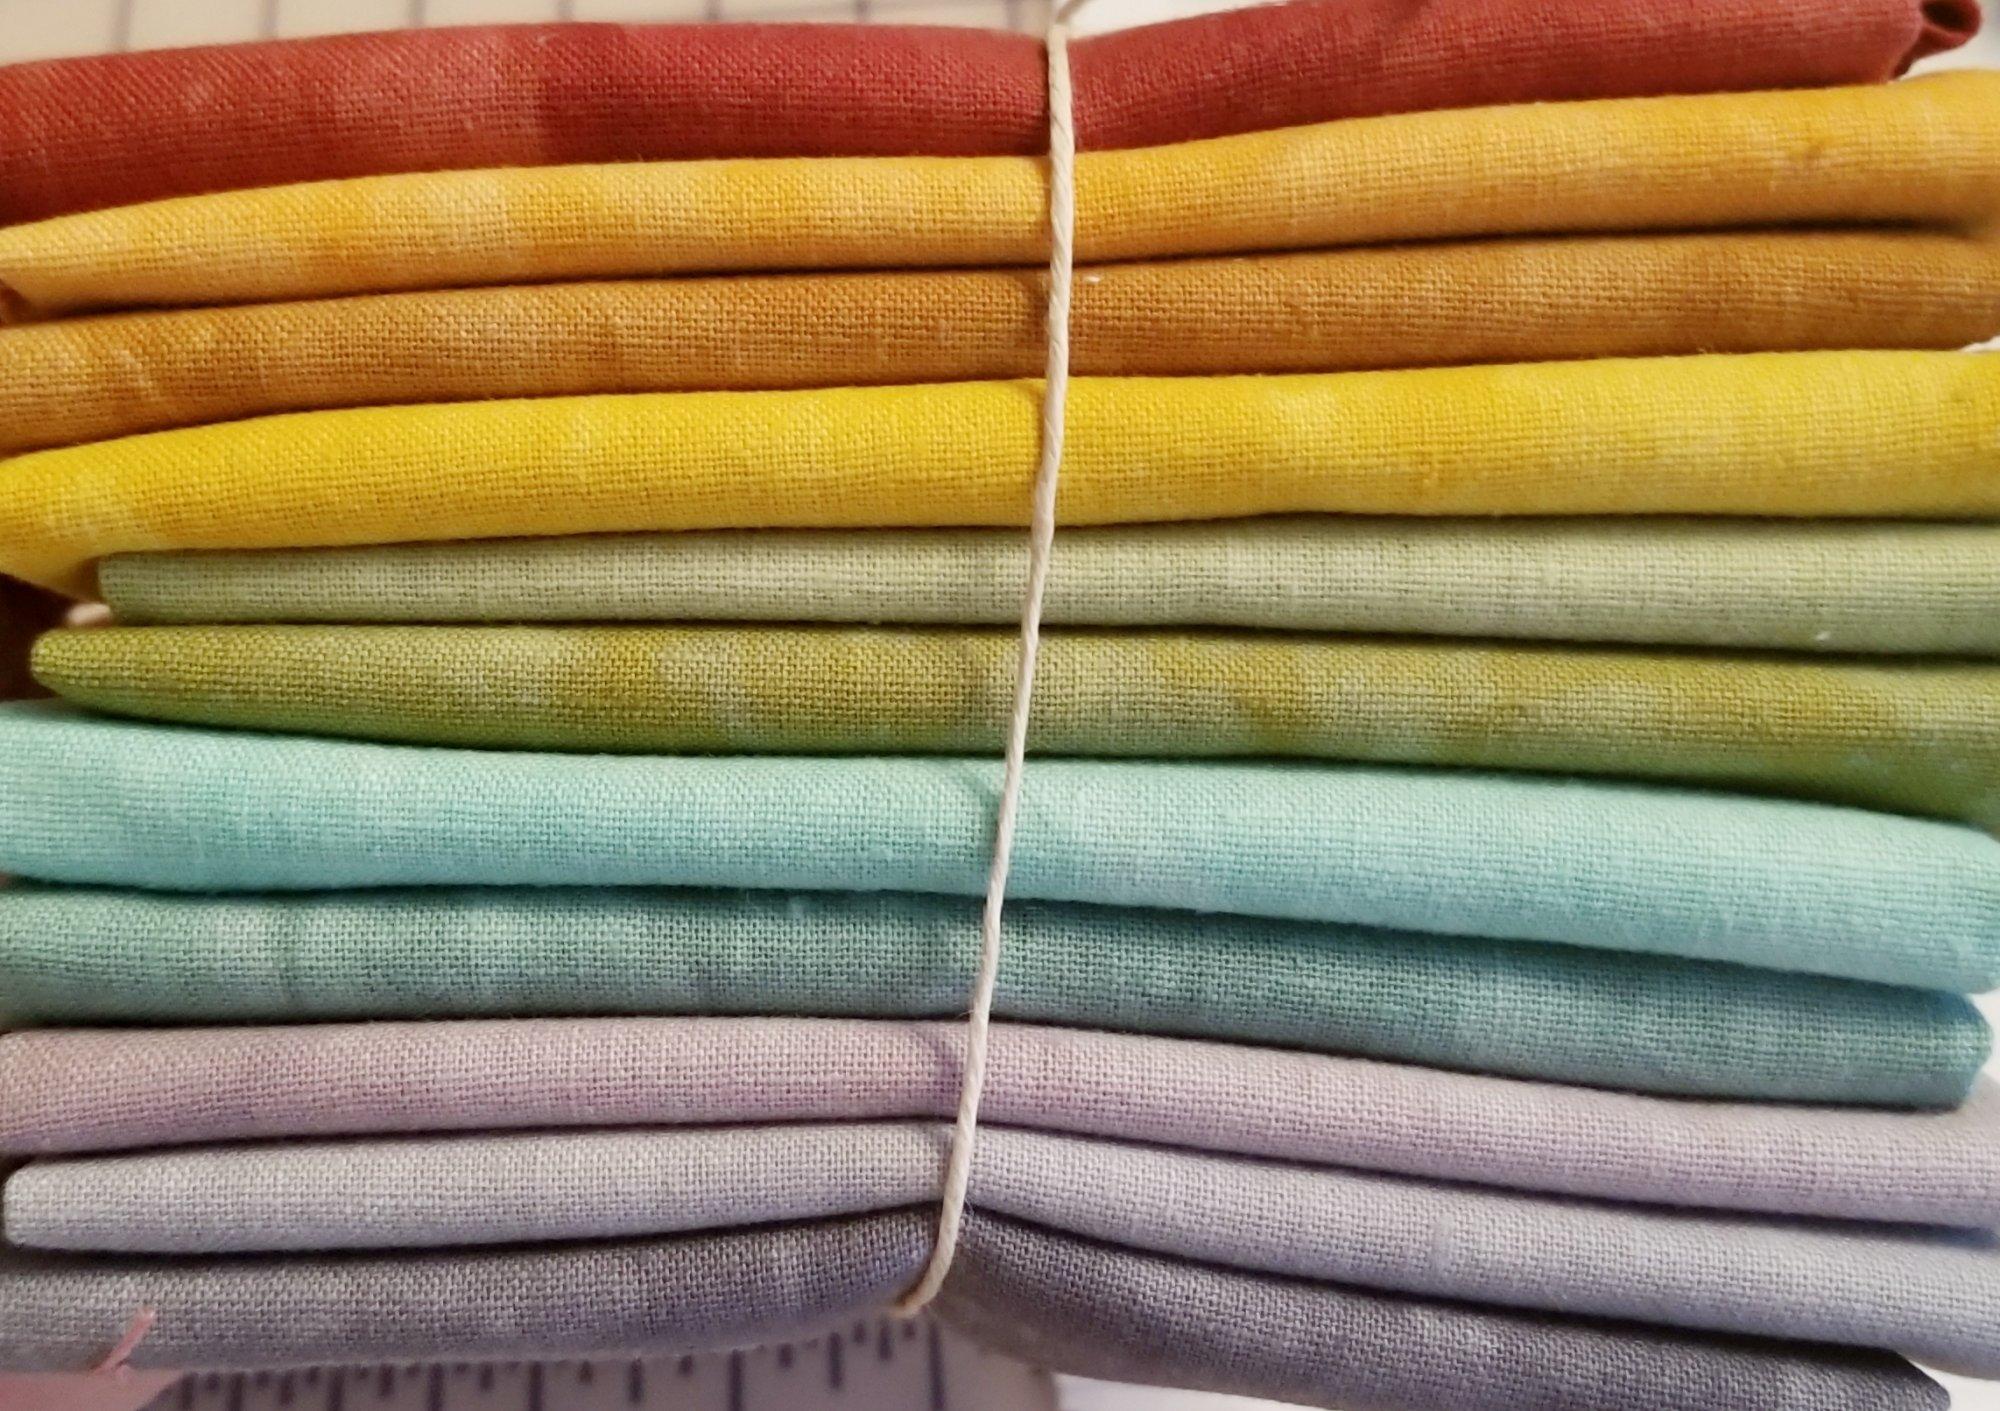 Pinwheels Hand-dyed Linen Fat Quarter 11pc Set